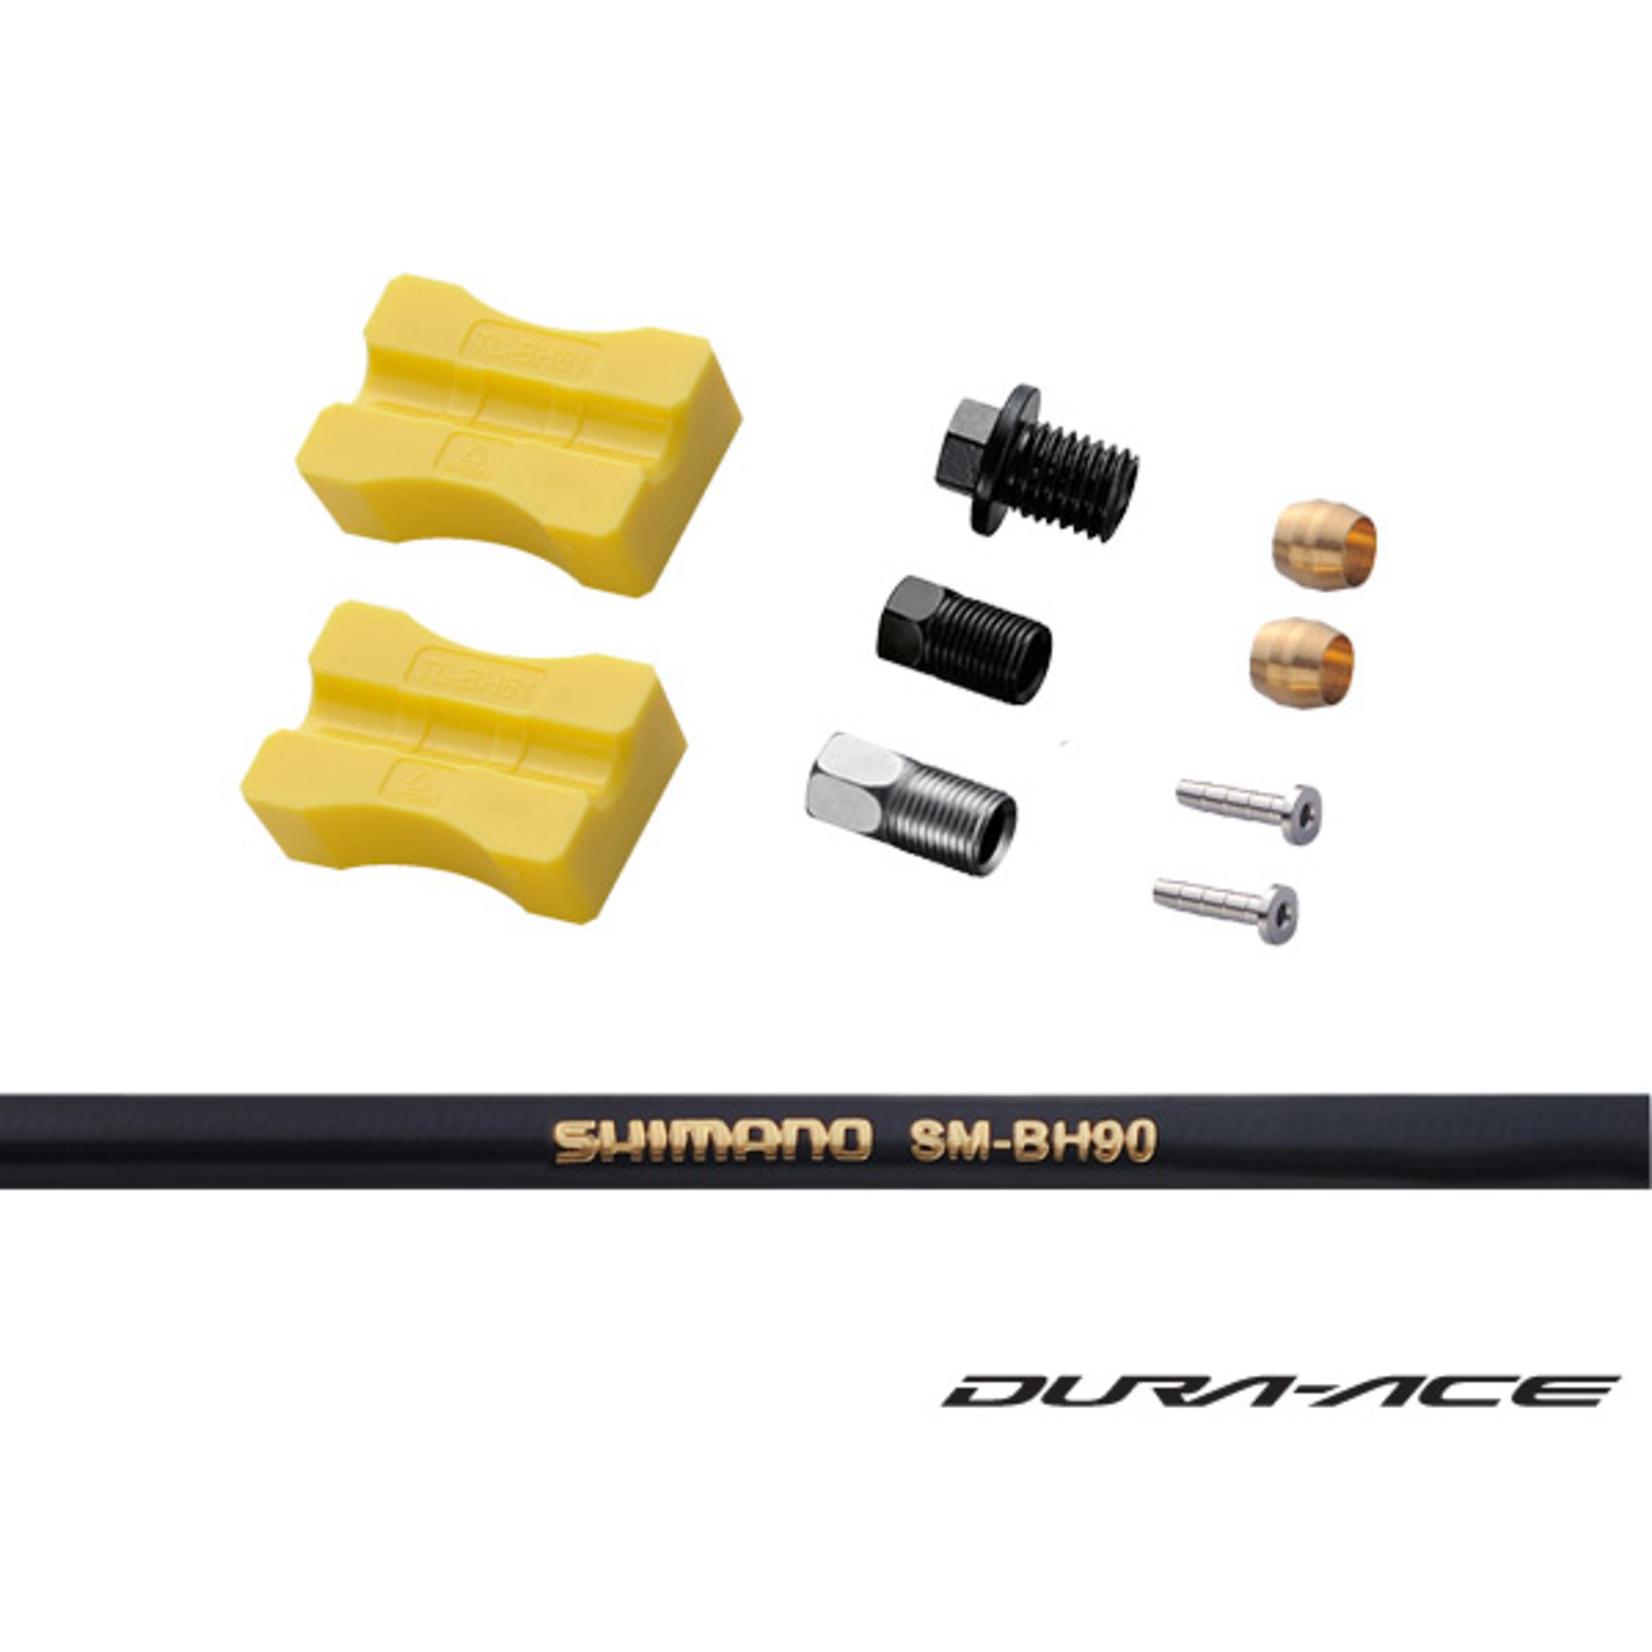 Shimano SM-BH90-JK-SSR Disc Brake Hose1700mm Black